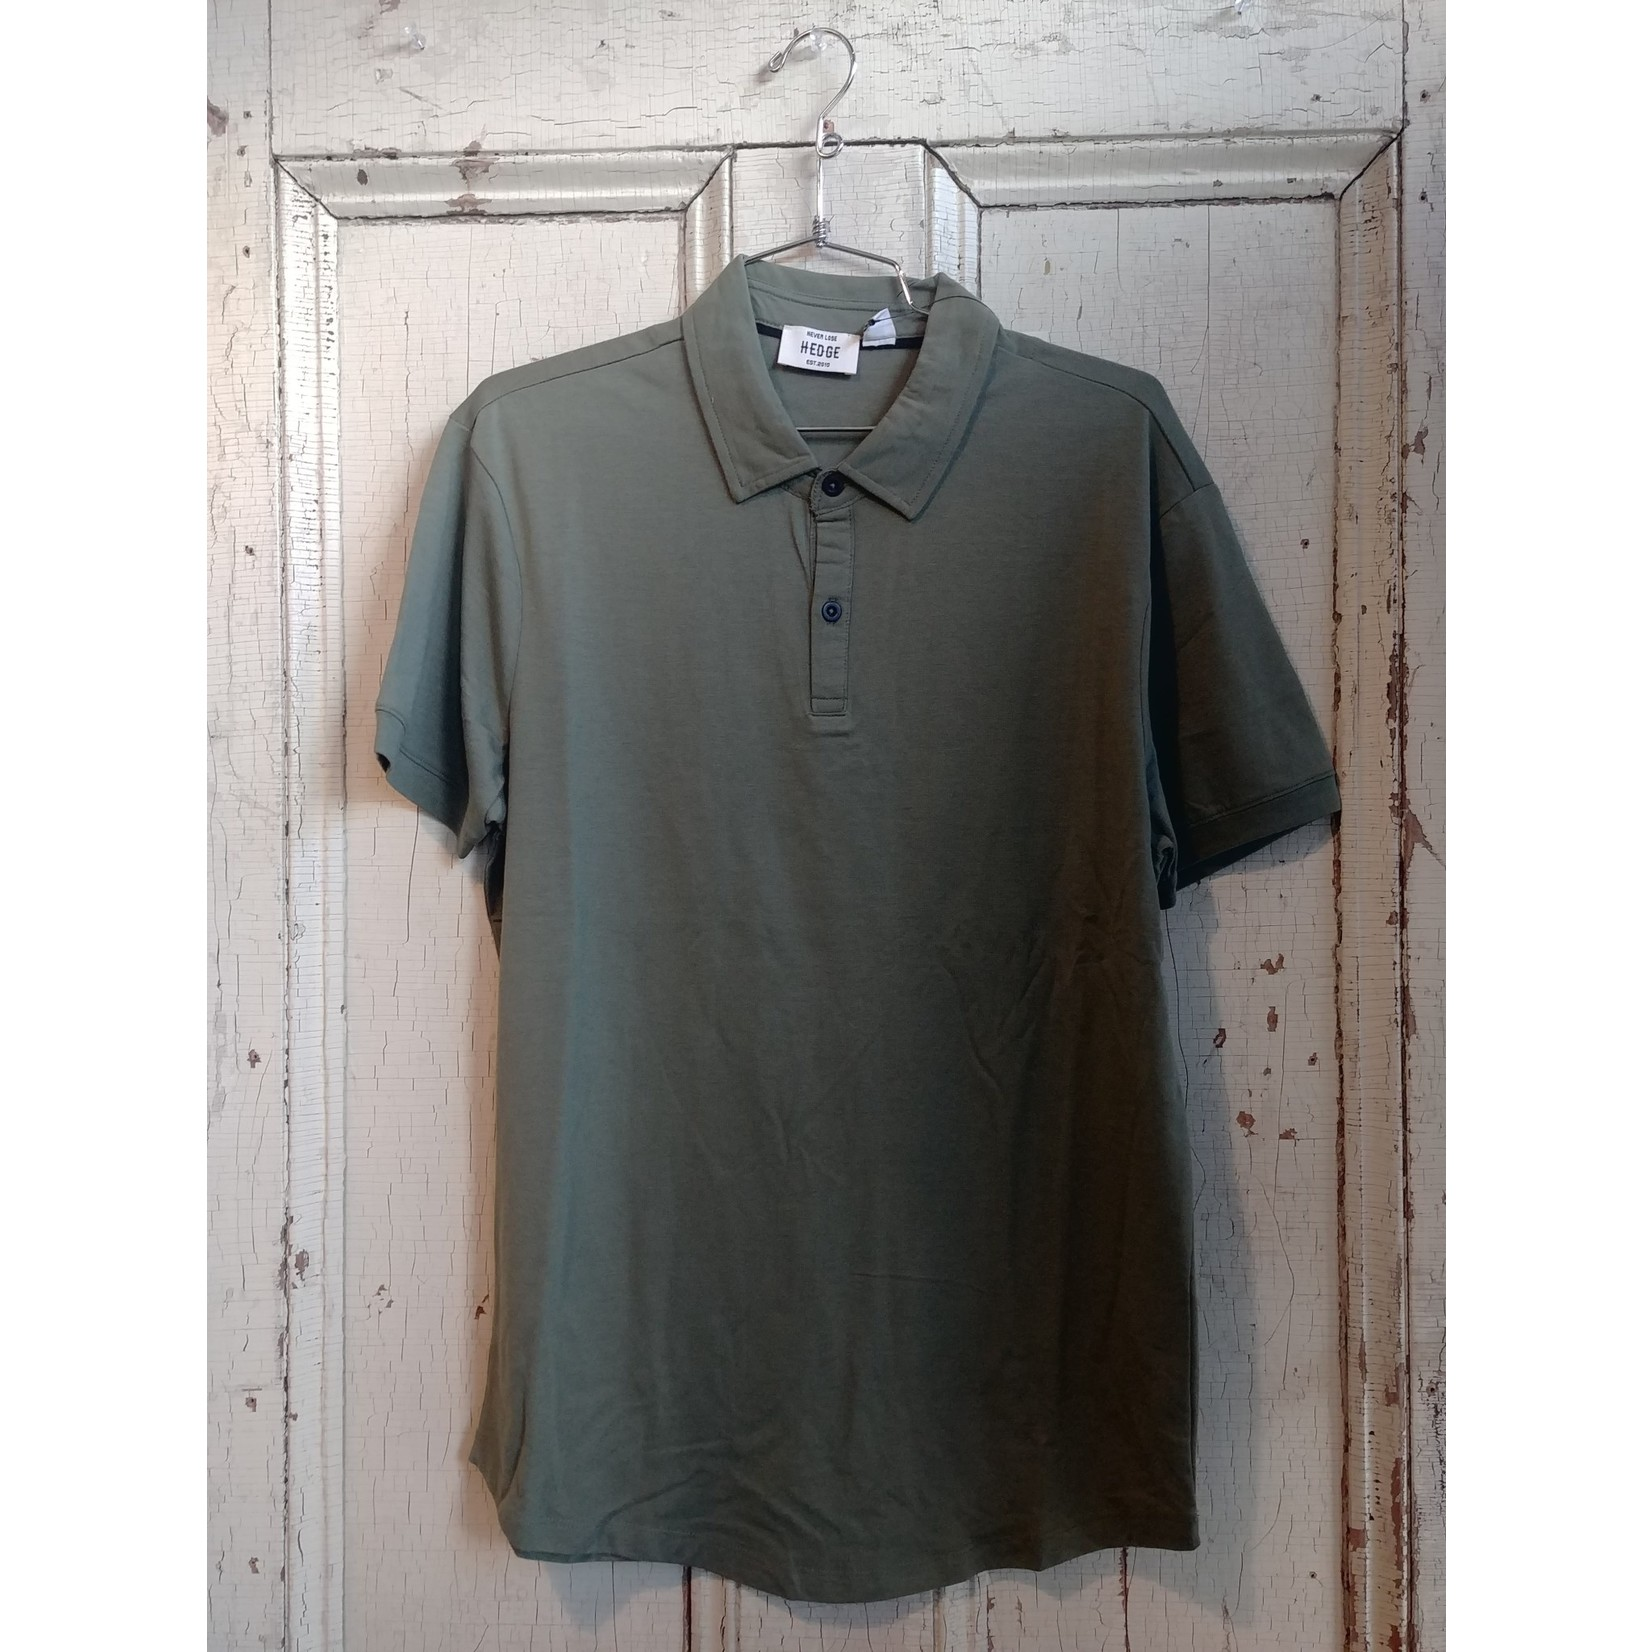 Hedge Polo Shirt